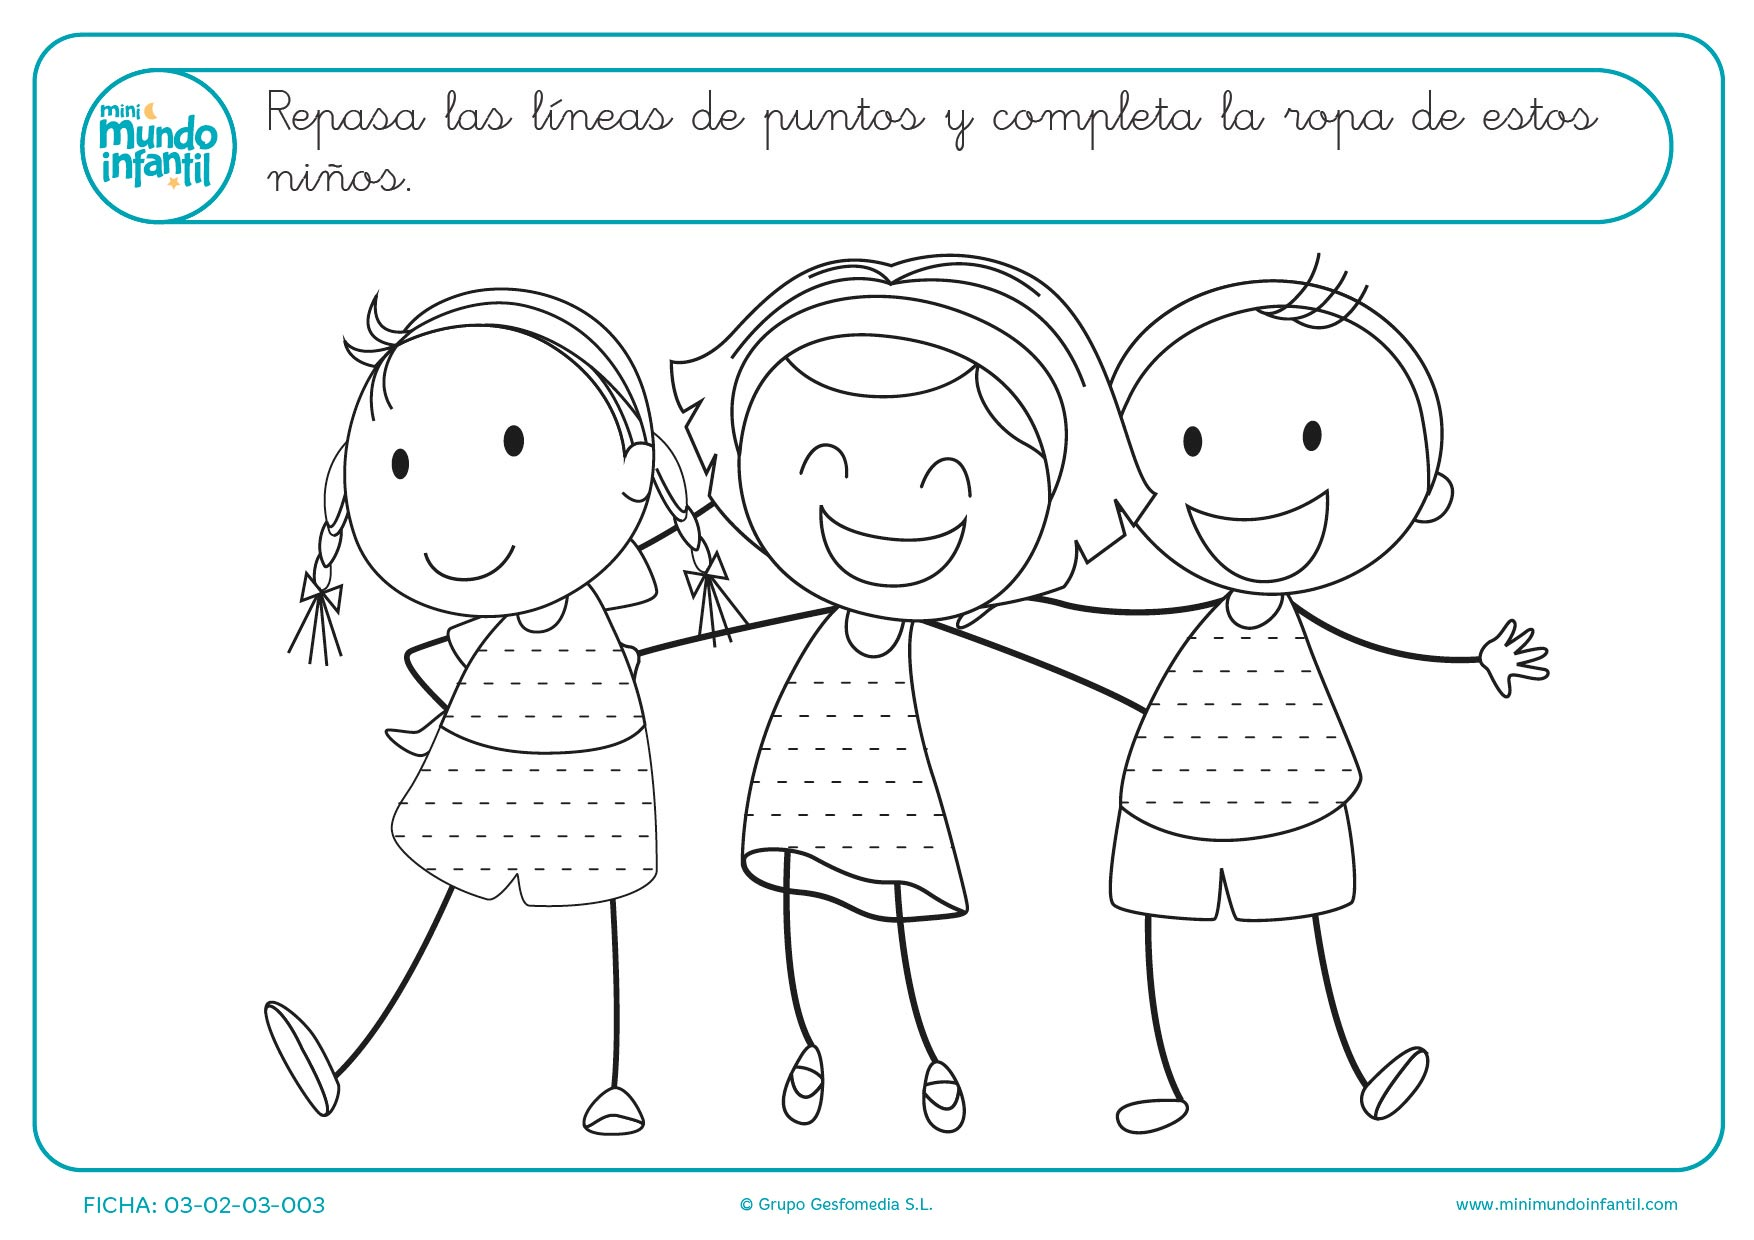 Trazar líneas horizontales para completar el dibujo